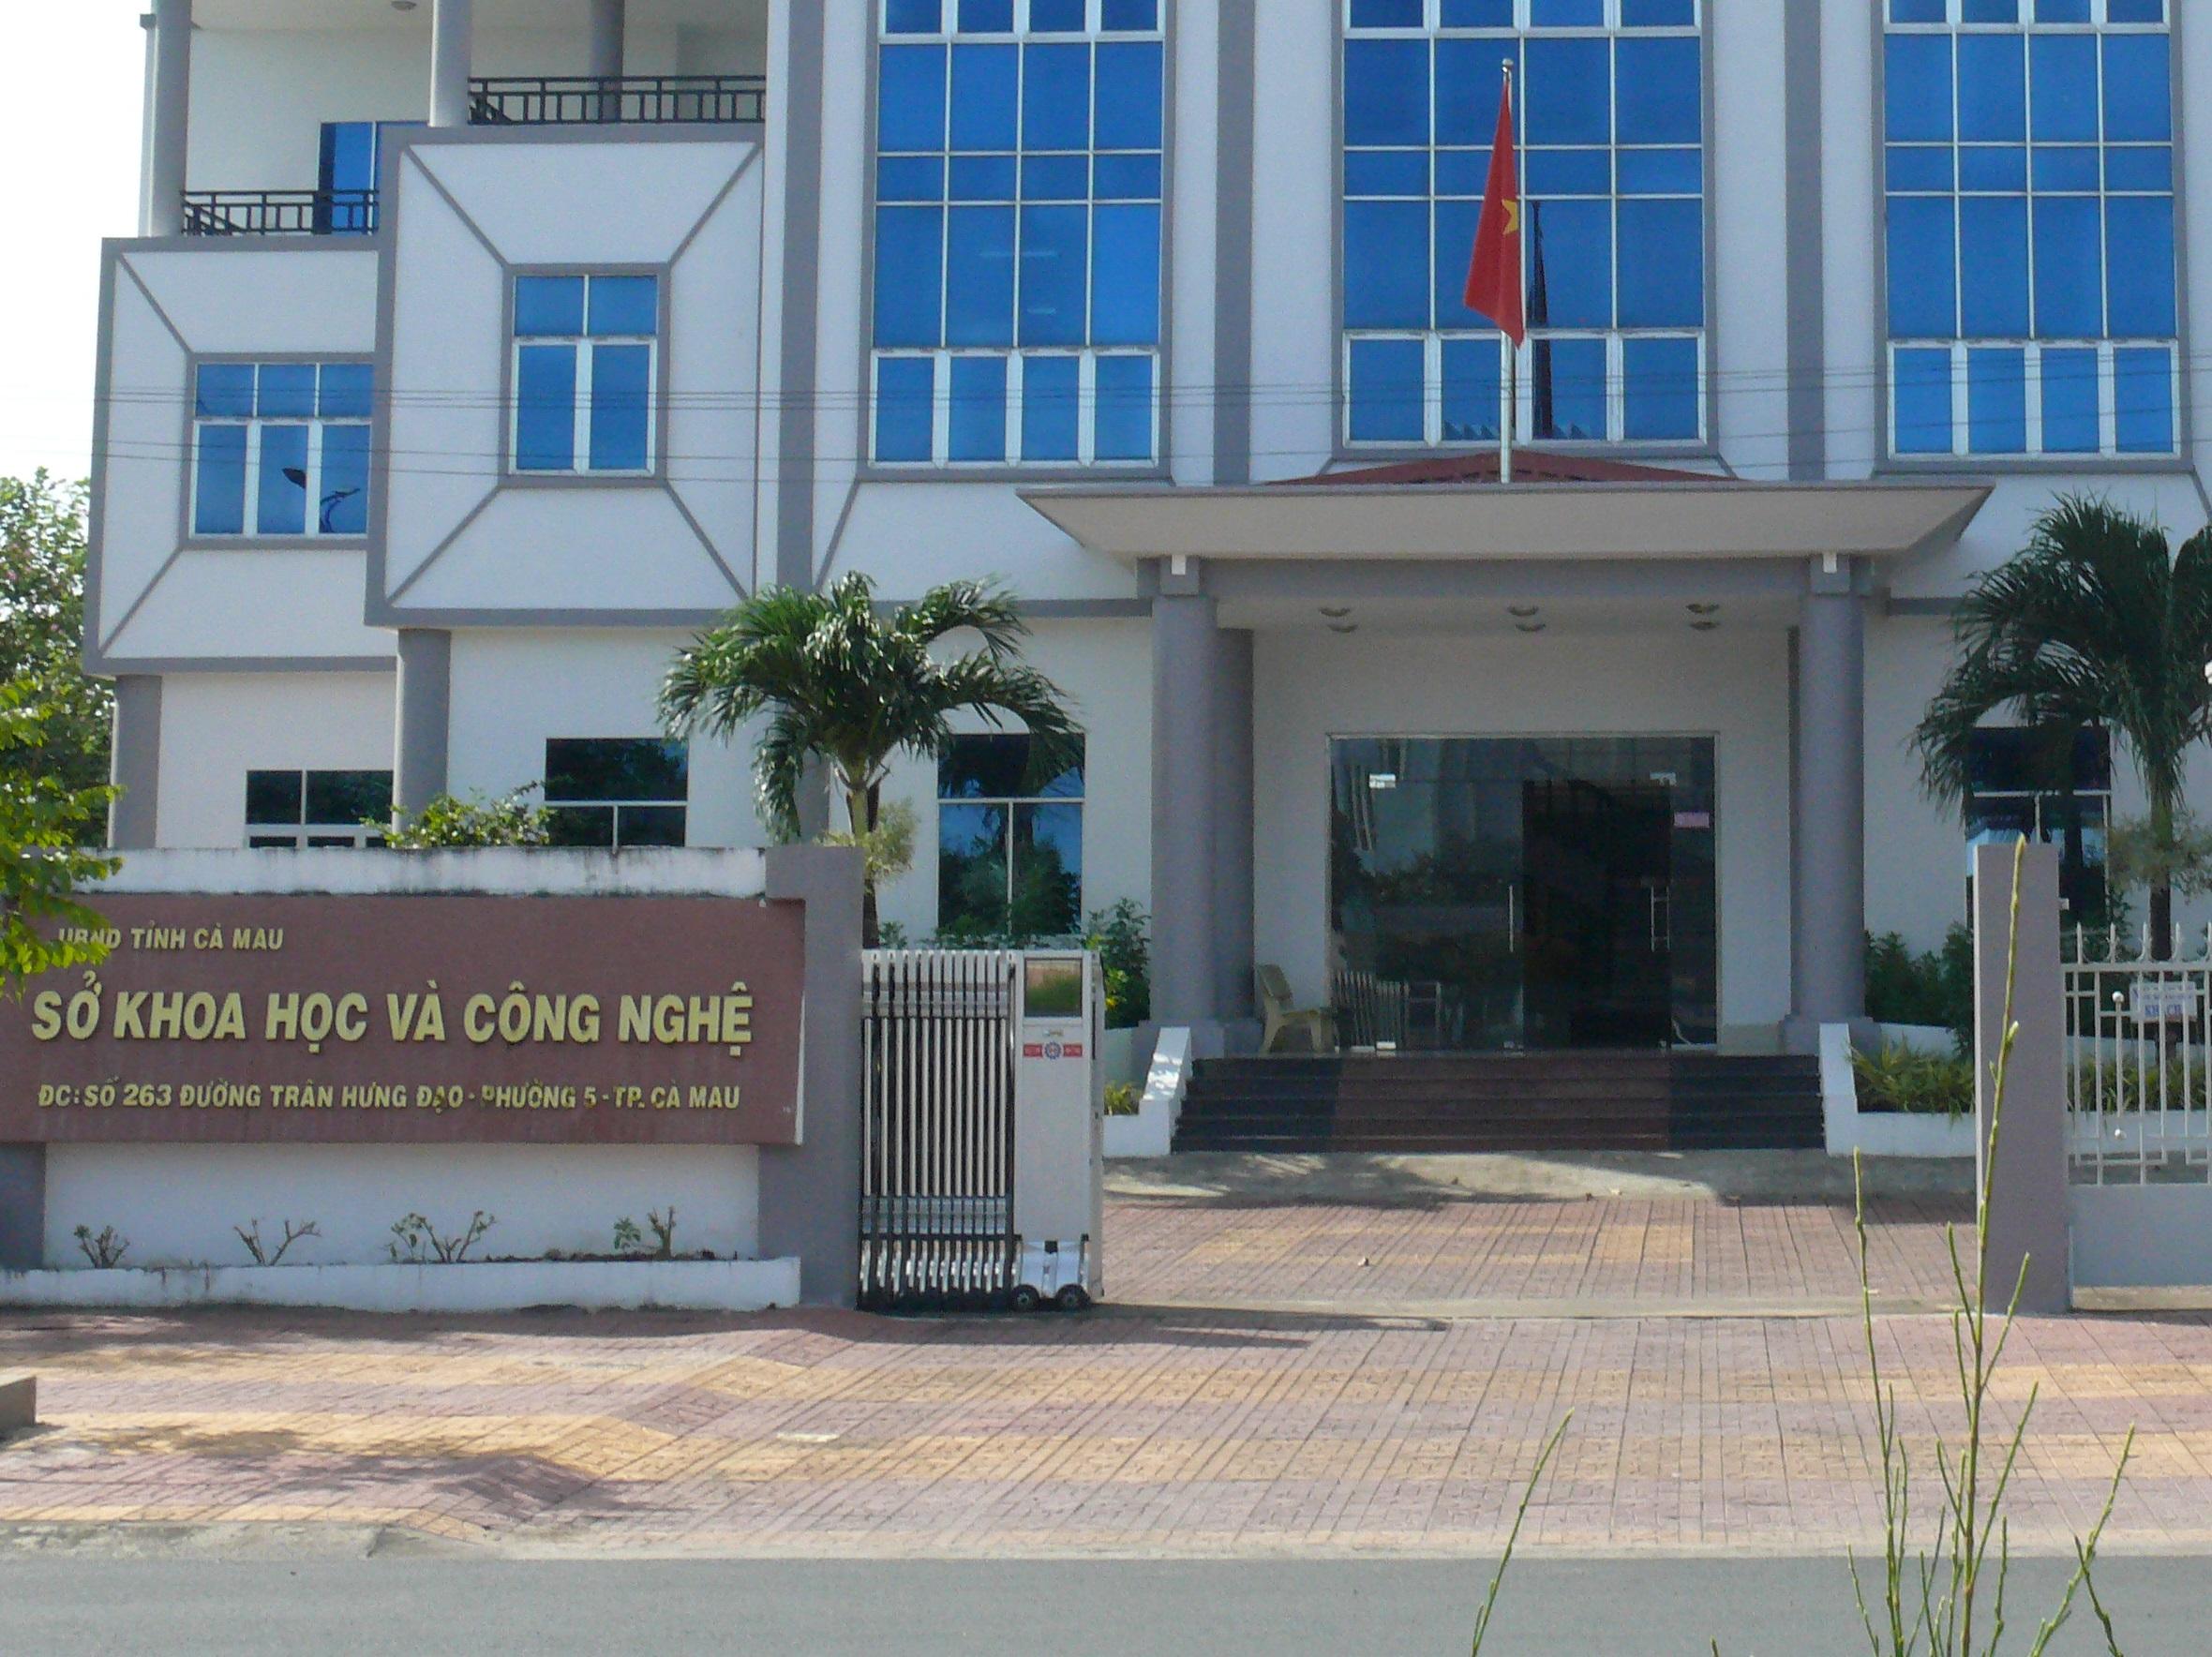 Giám đốc Sở KH&CN tỉnh Cà Mau bị đề nghị kiểm điểm